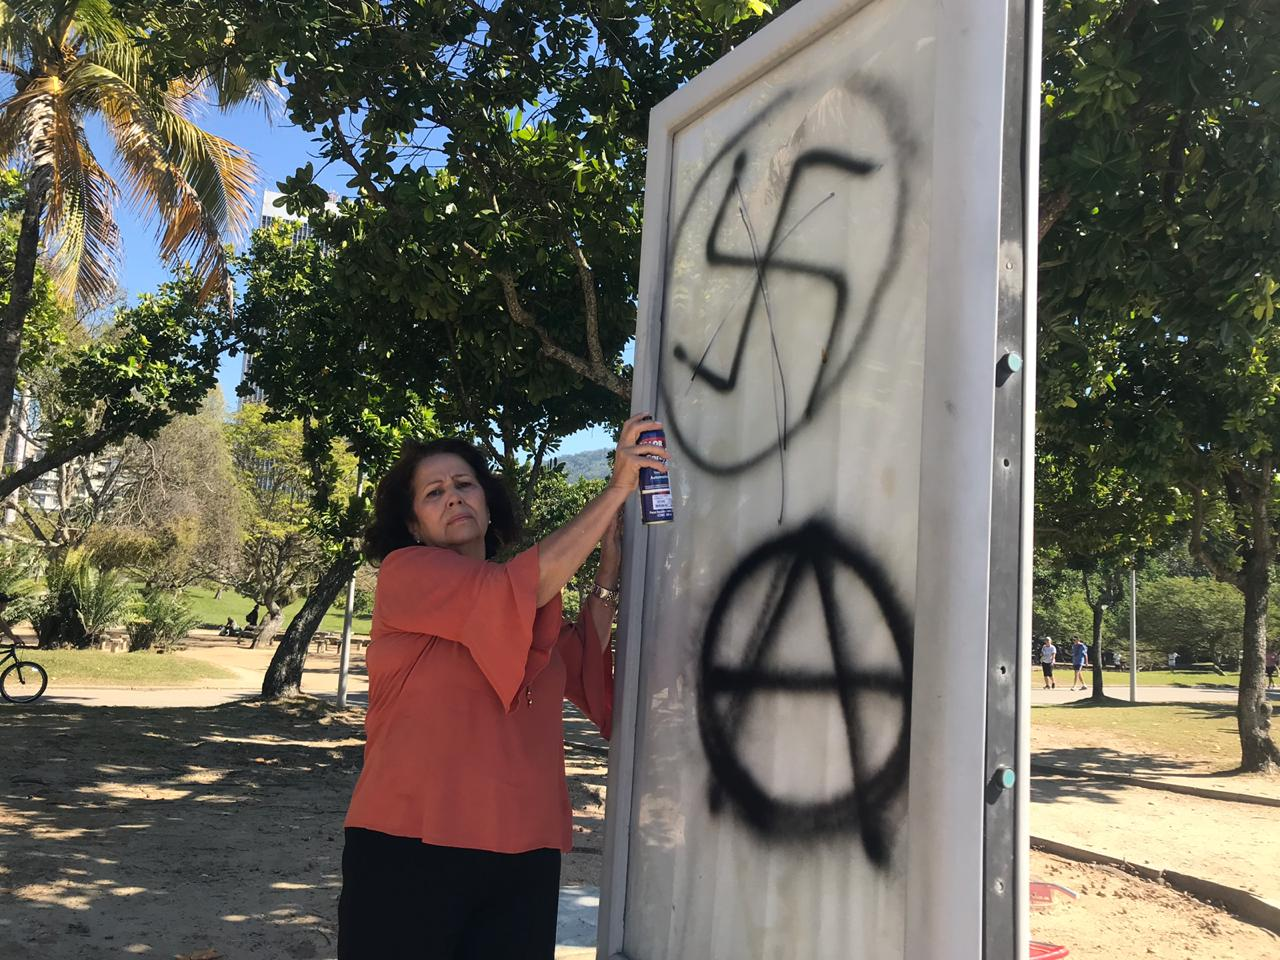 Vereadora apaga pichação de uma Cruz Suástica  feita no Parque do Flamengo